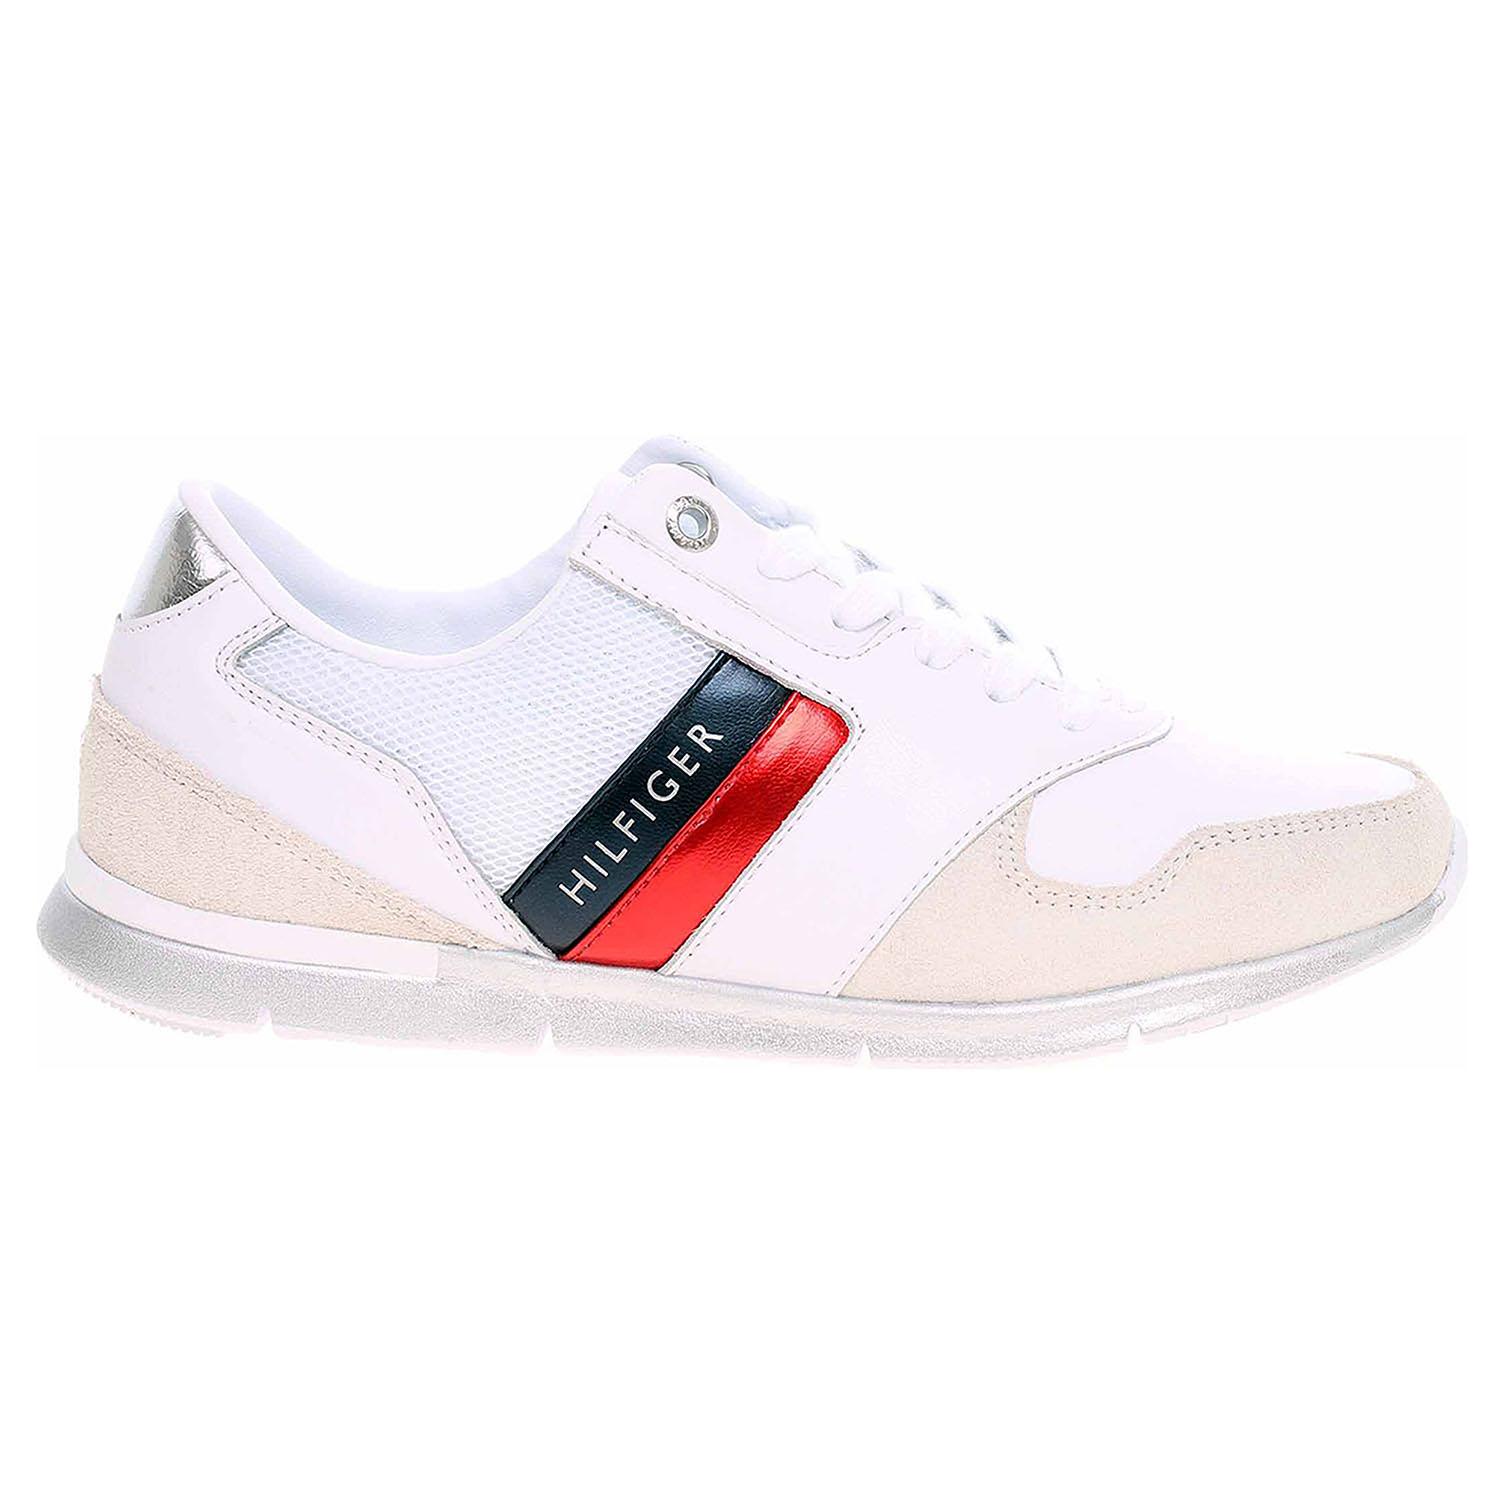 Ecco Tommy Hilfiger dámská obuv FW0FW03785 020 rwb 23200922 79ffff22143